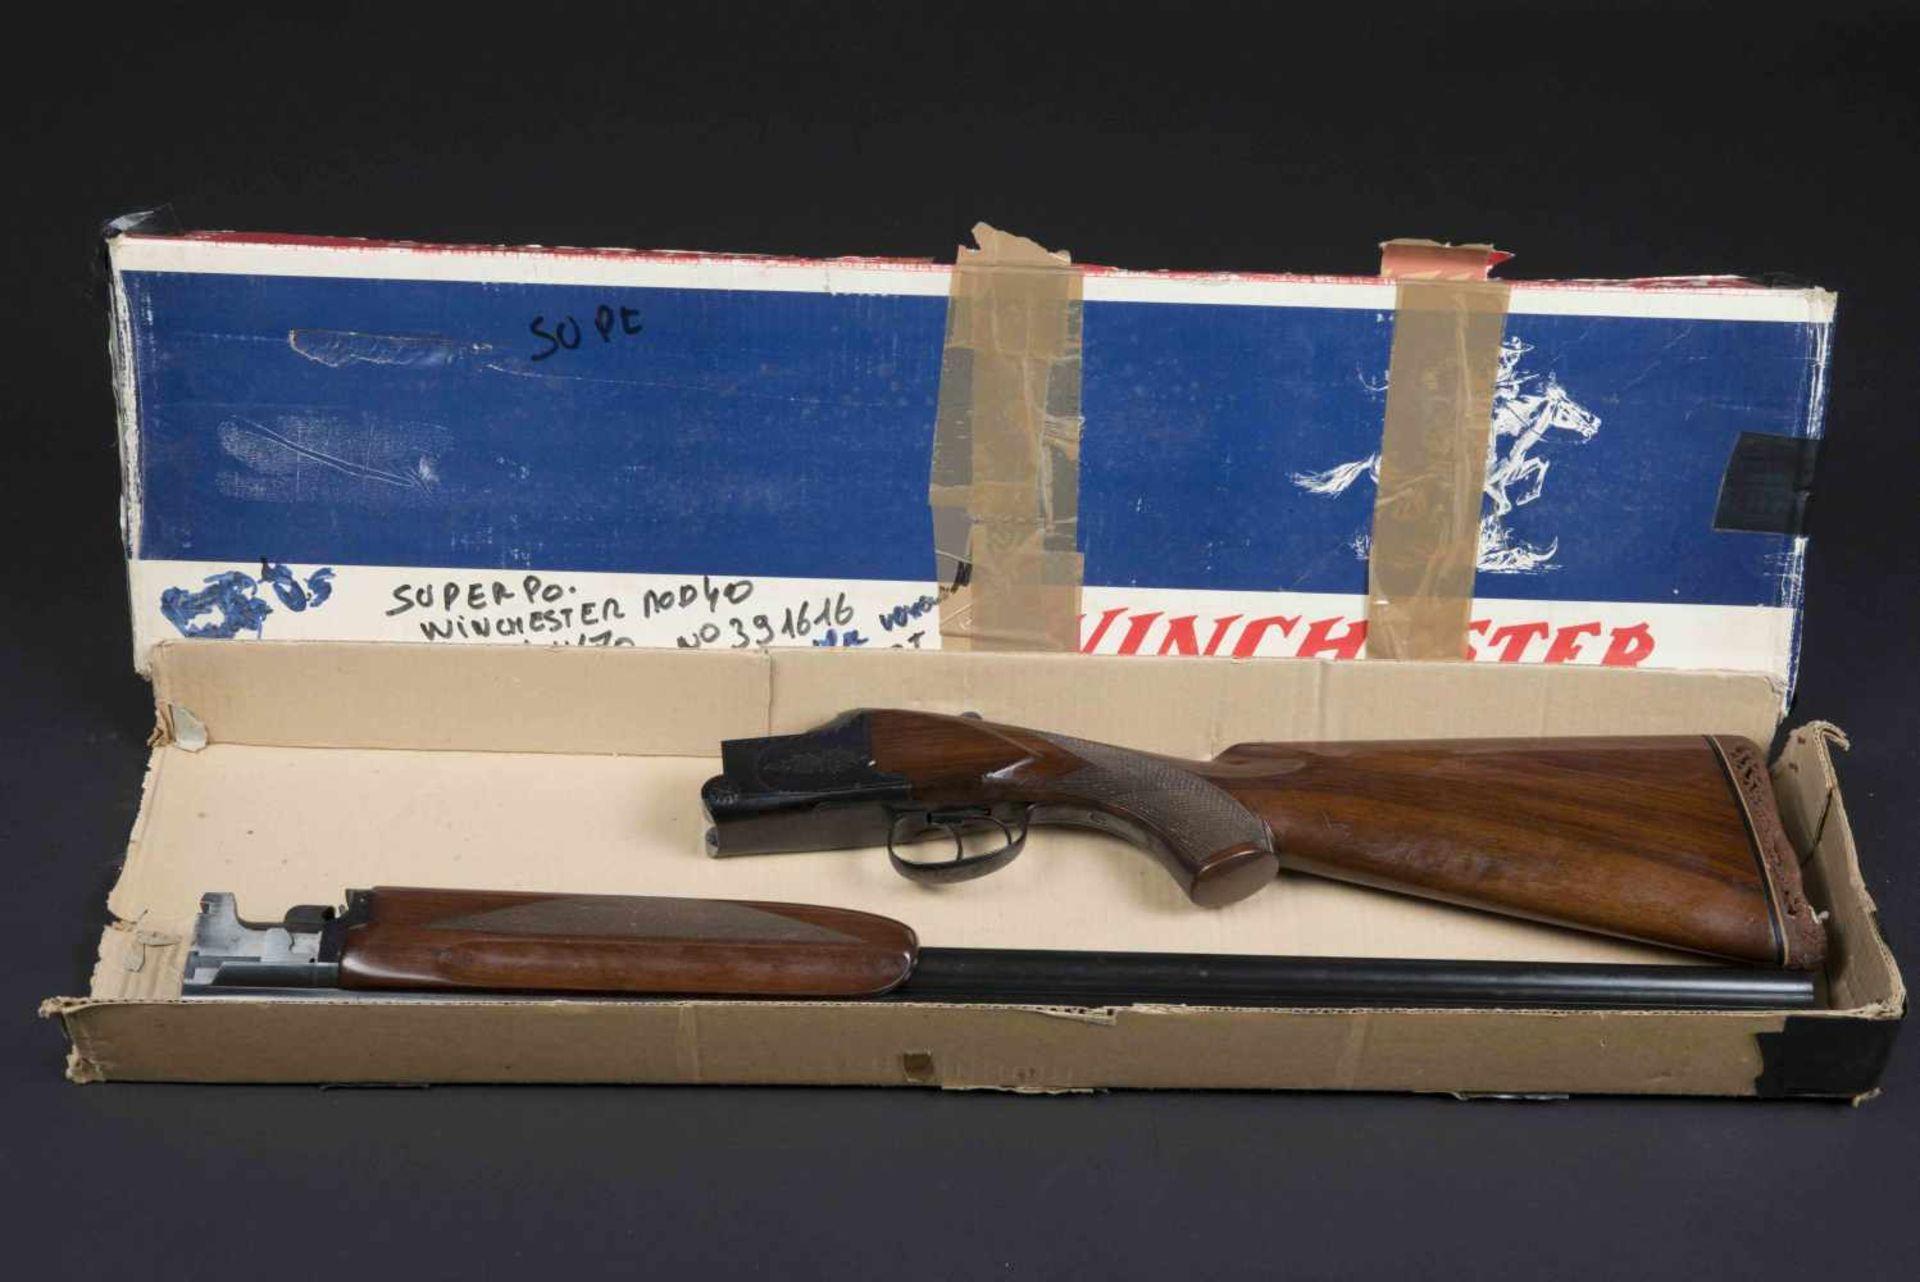 Fusil superposé Winchester Mod 40, catégorie C Calibre 12/70, numéro 391616. Certificat du Banc d'